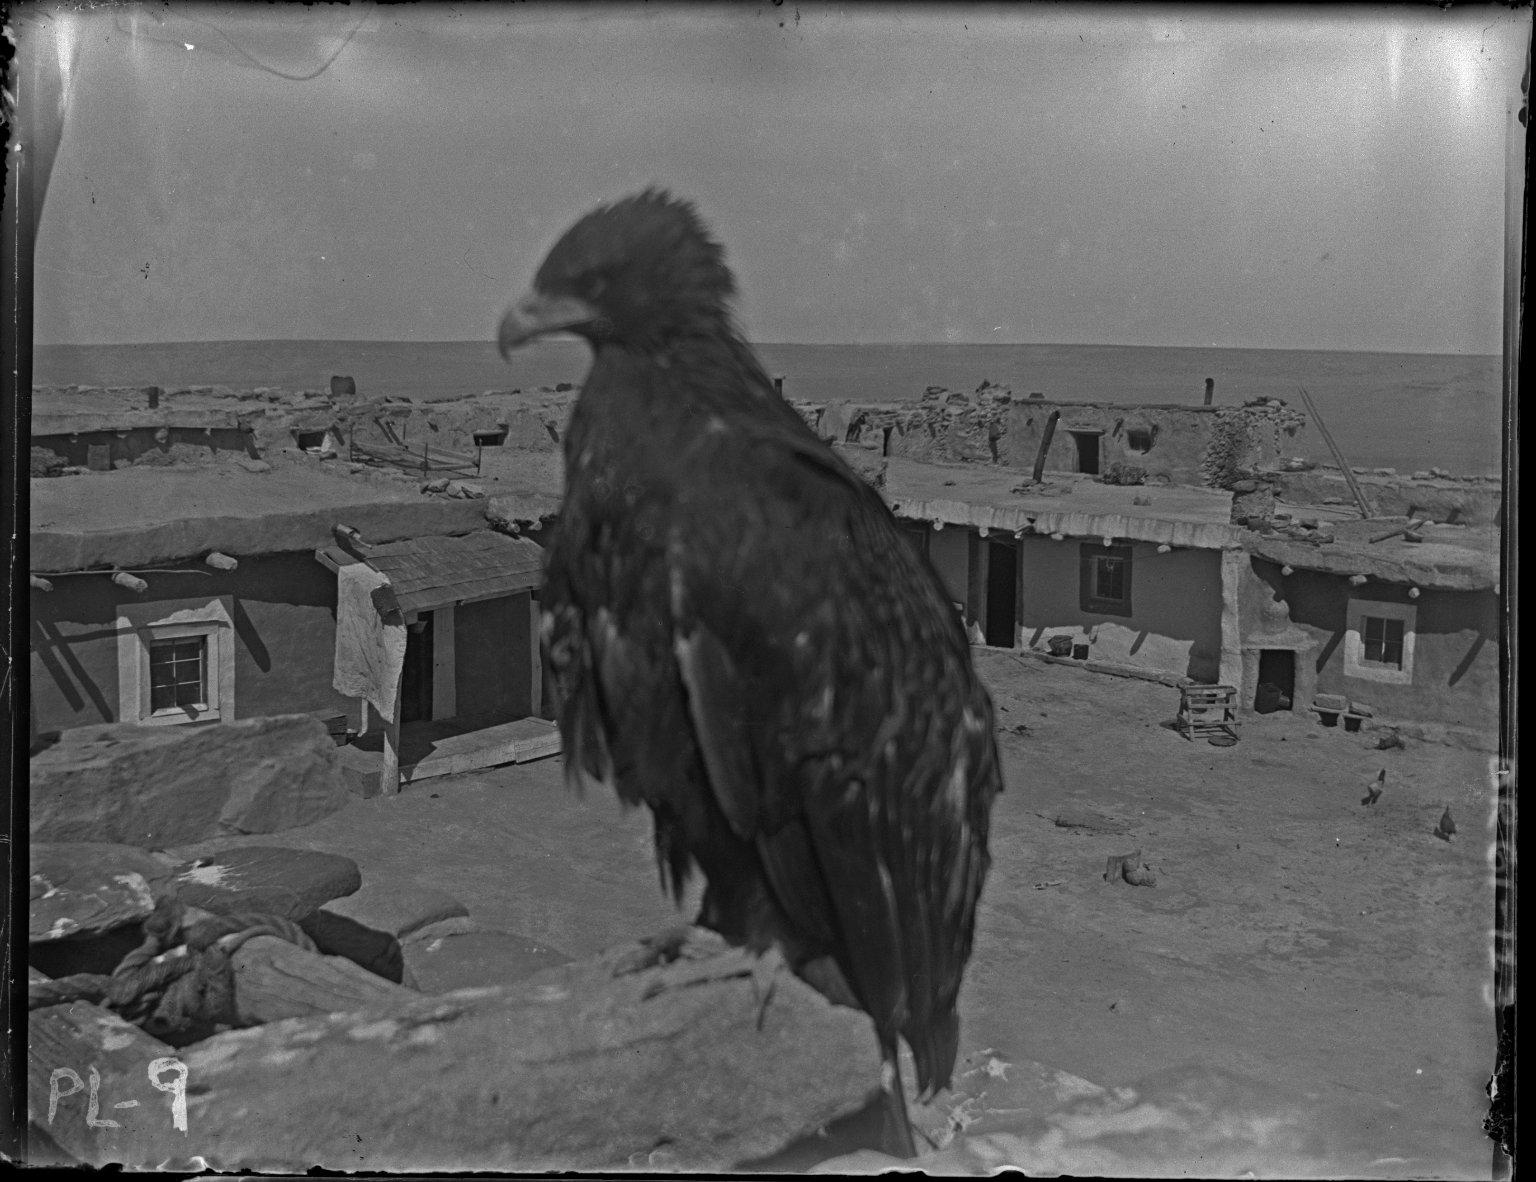 Captive eagle